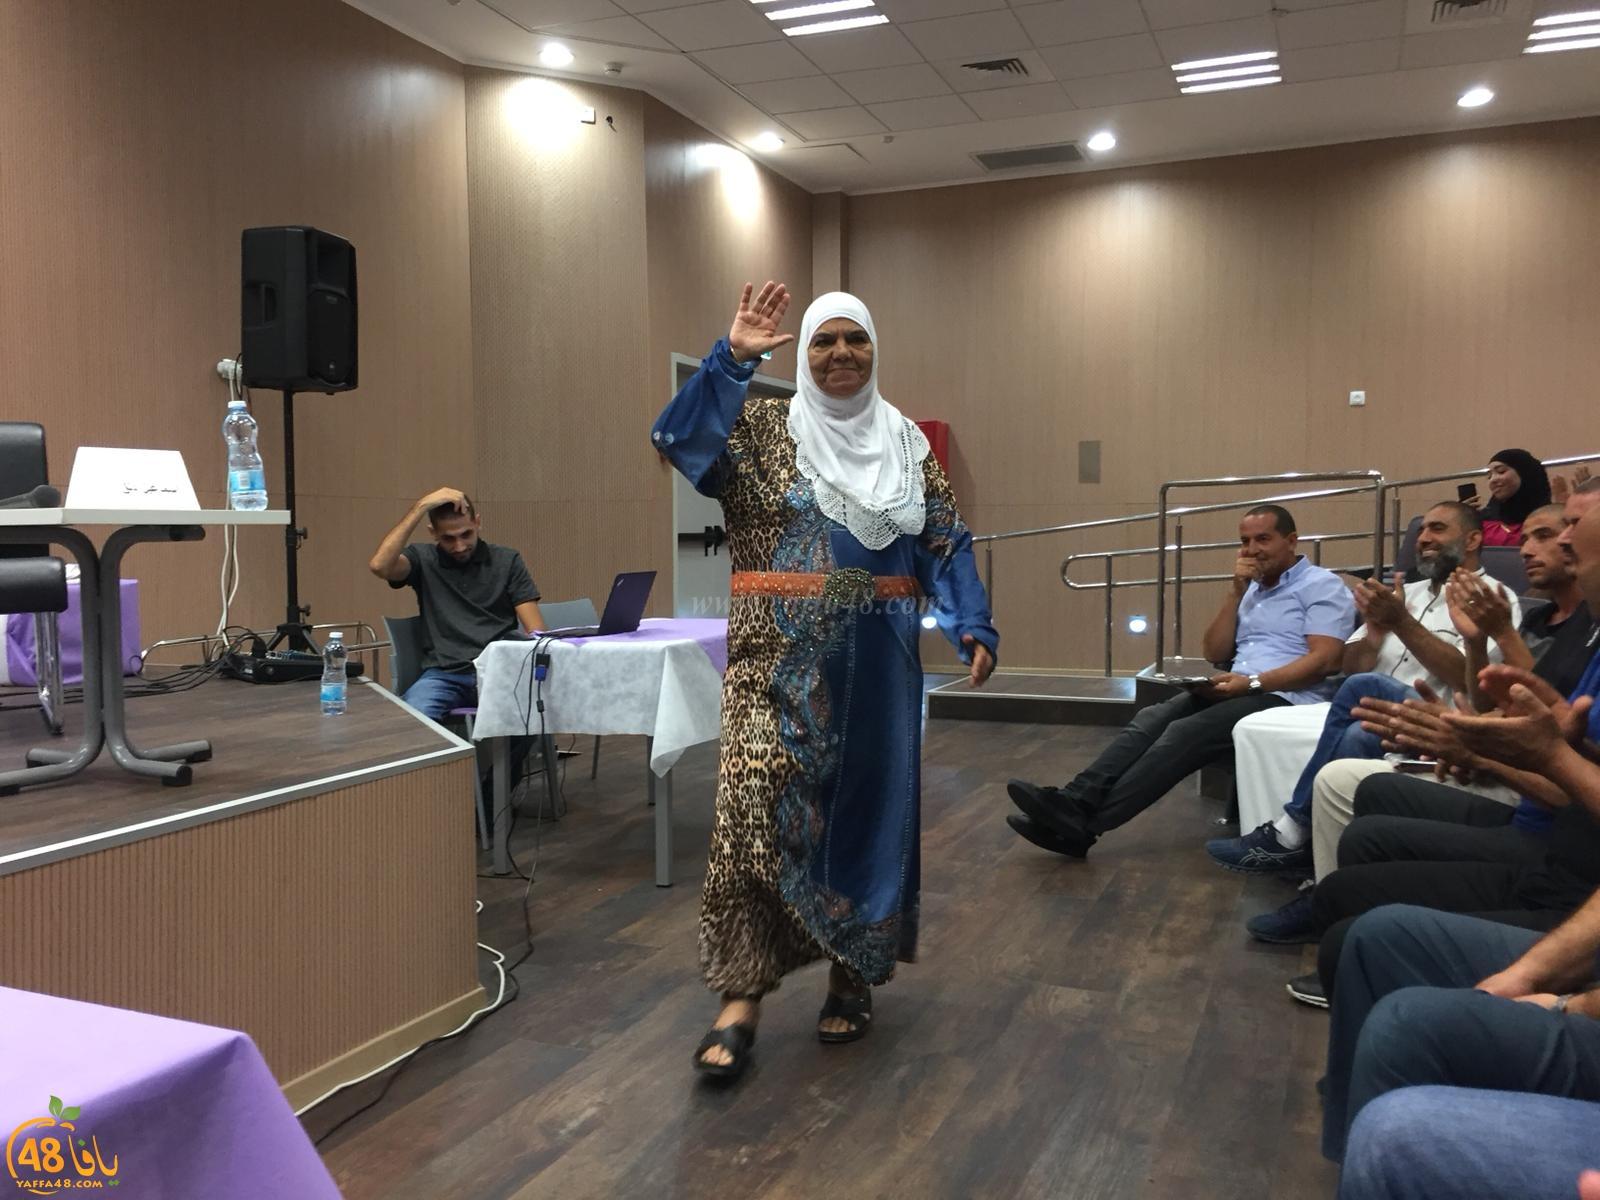 أمسية وندوة حول التطوّع والعطاء في مدرسة يافا المستقبل